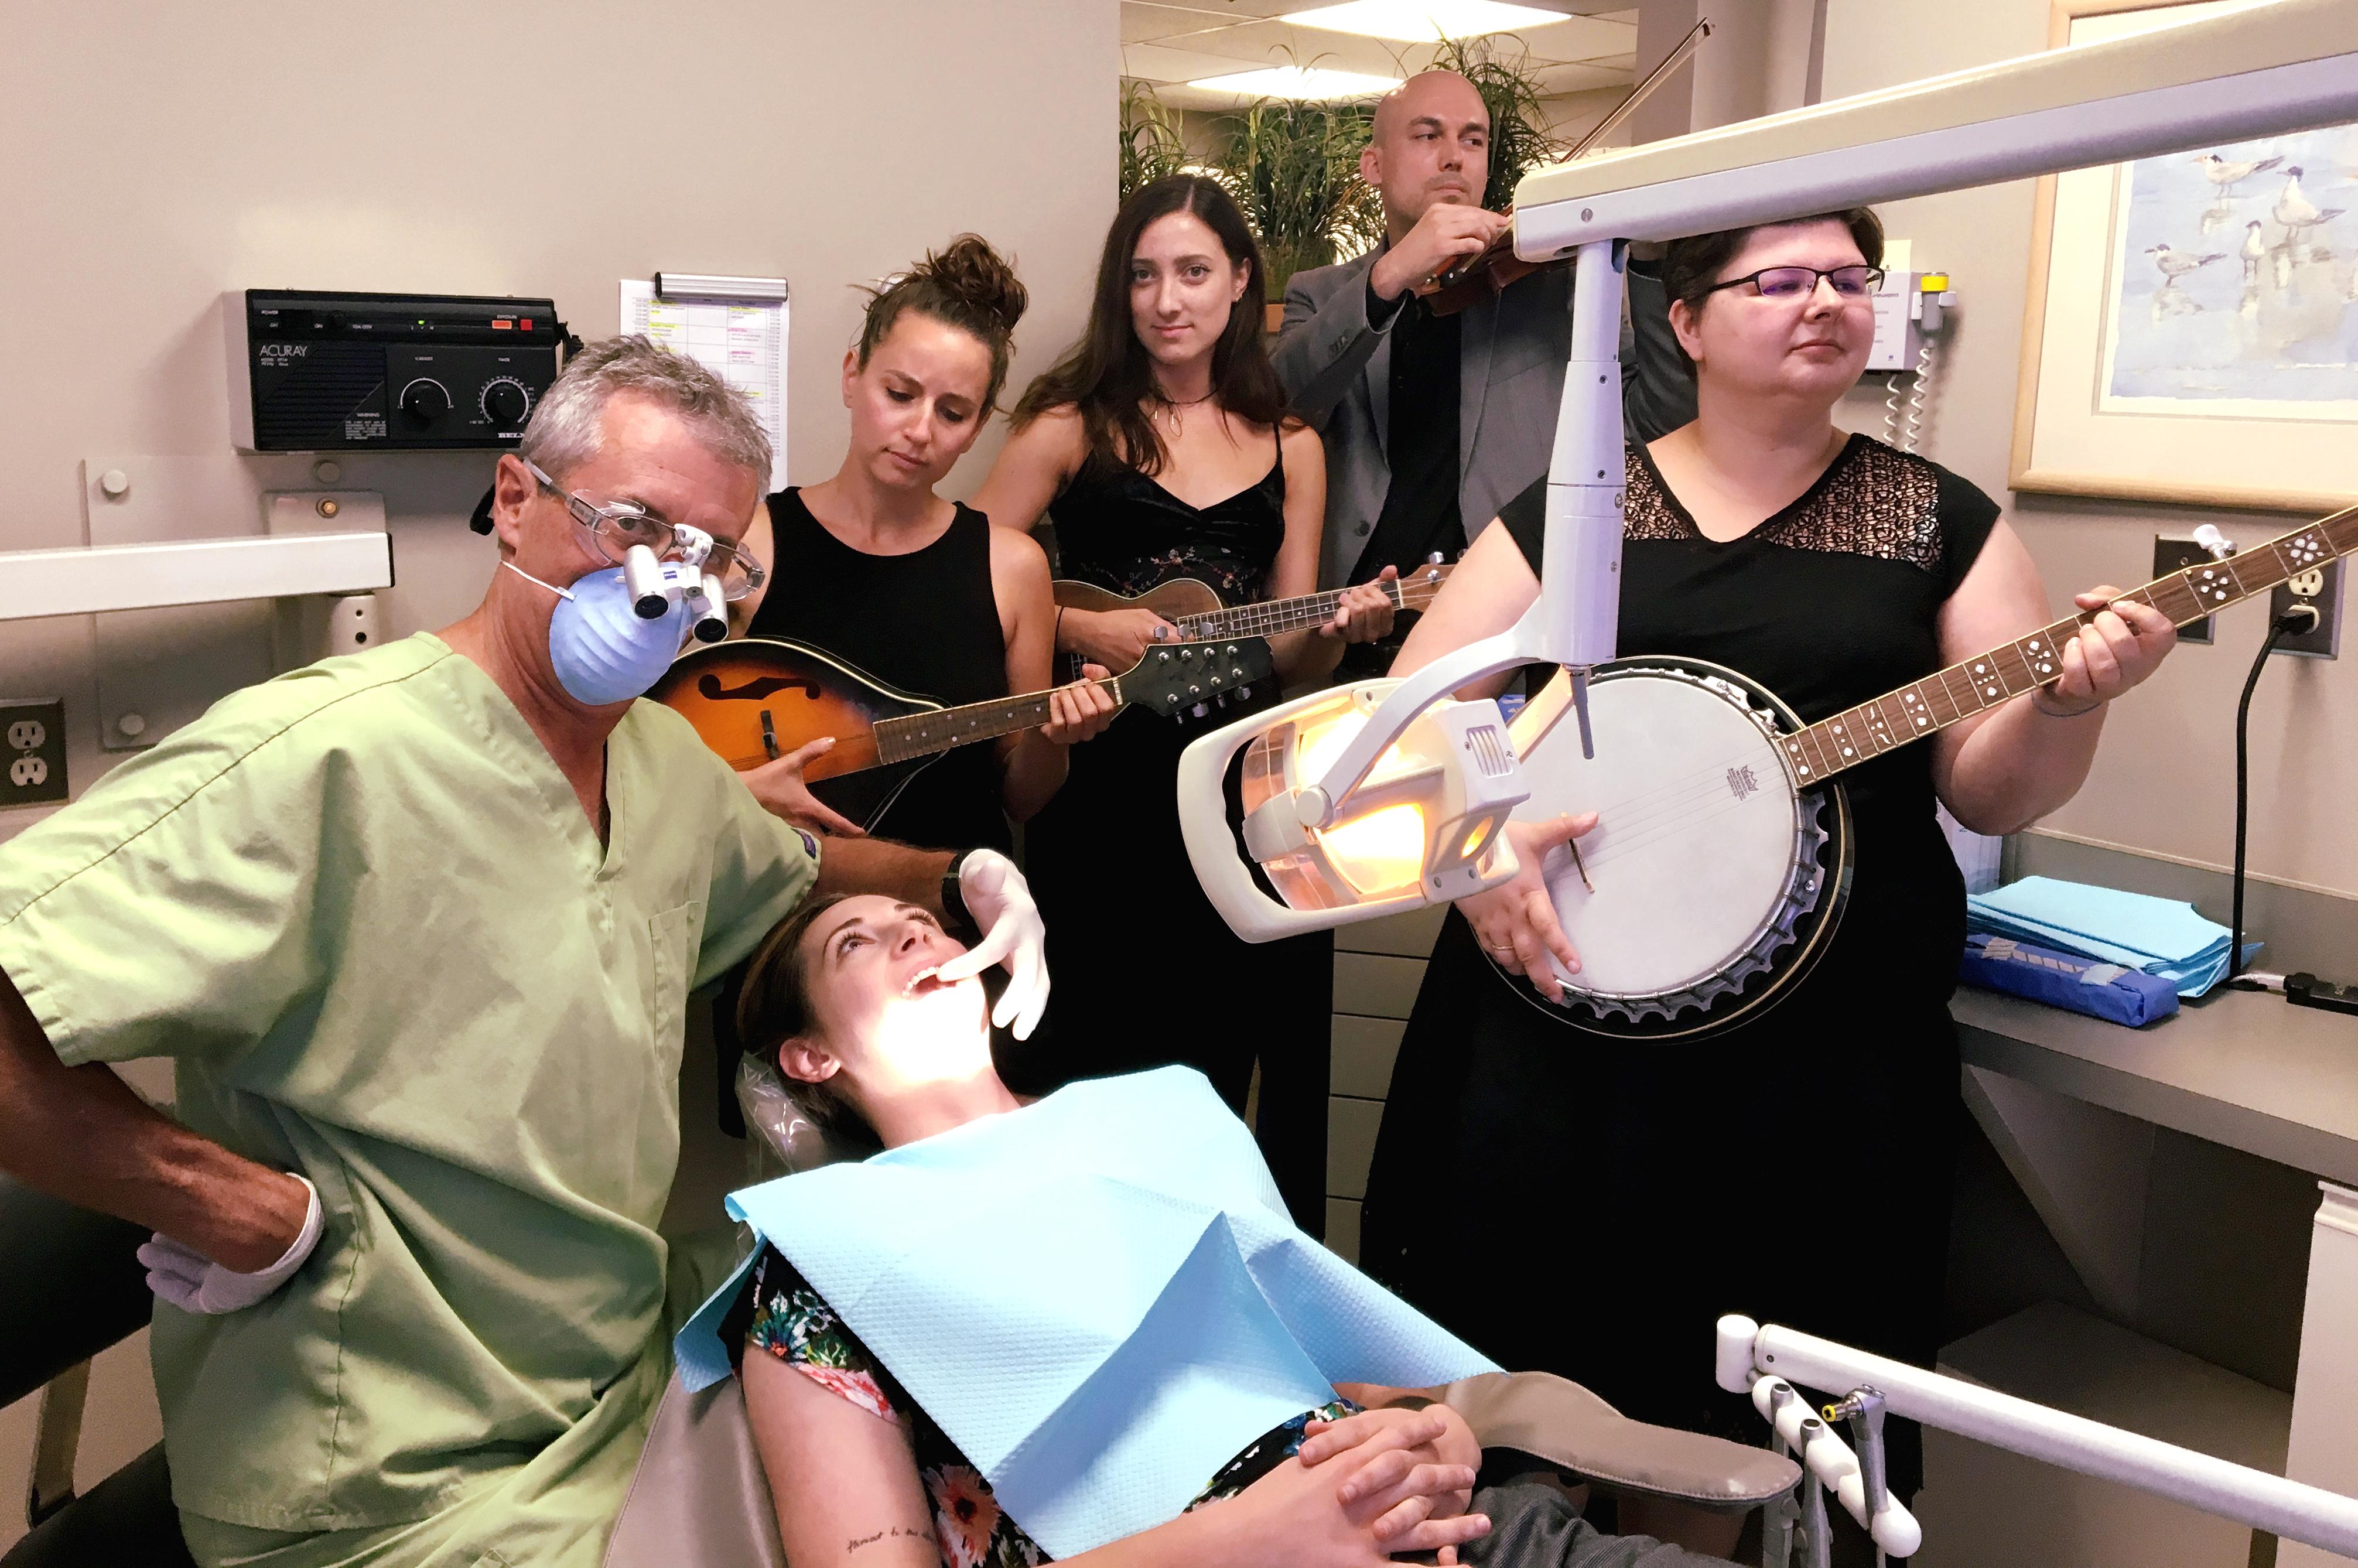 Item 4 - Better Dentist's Office Music